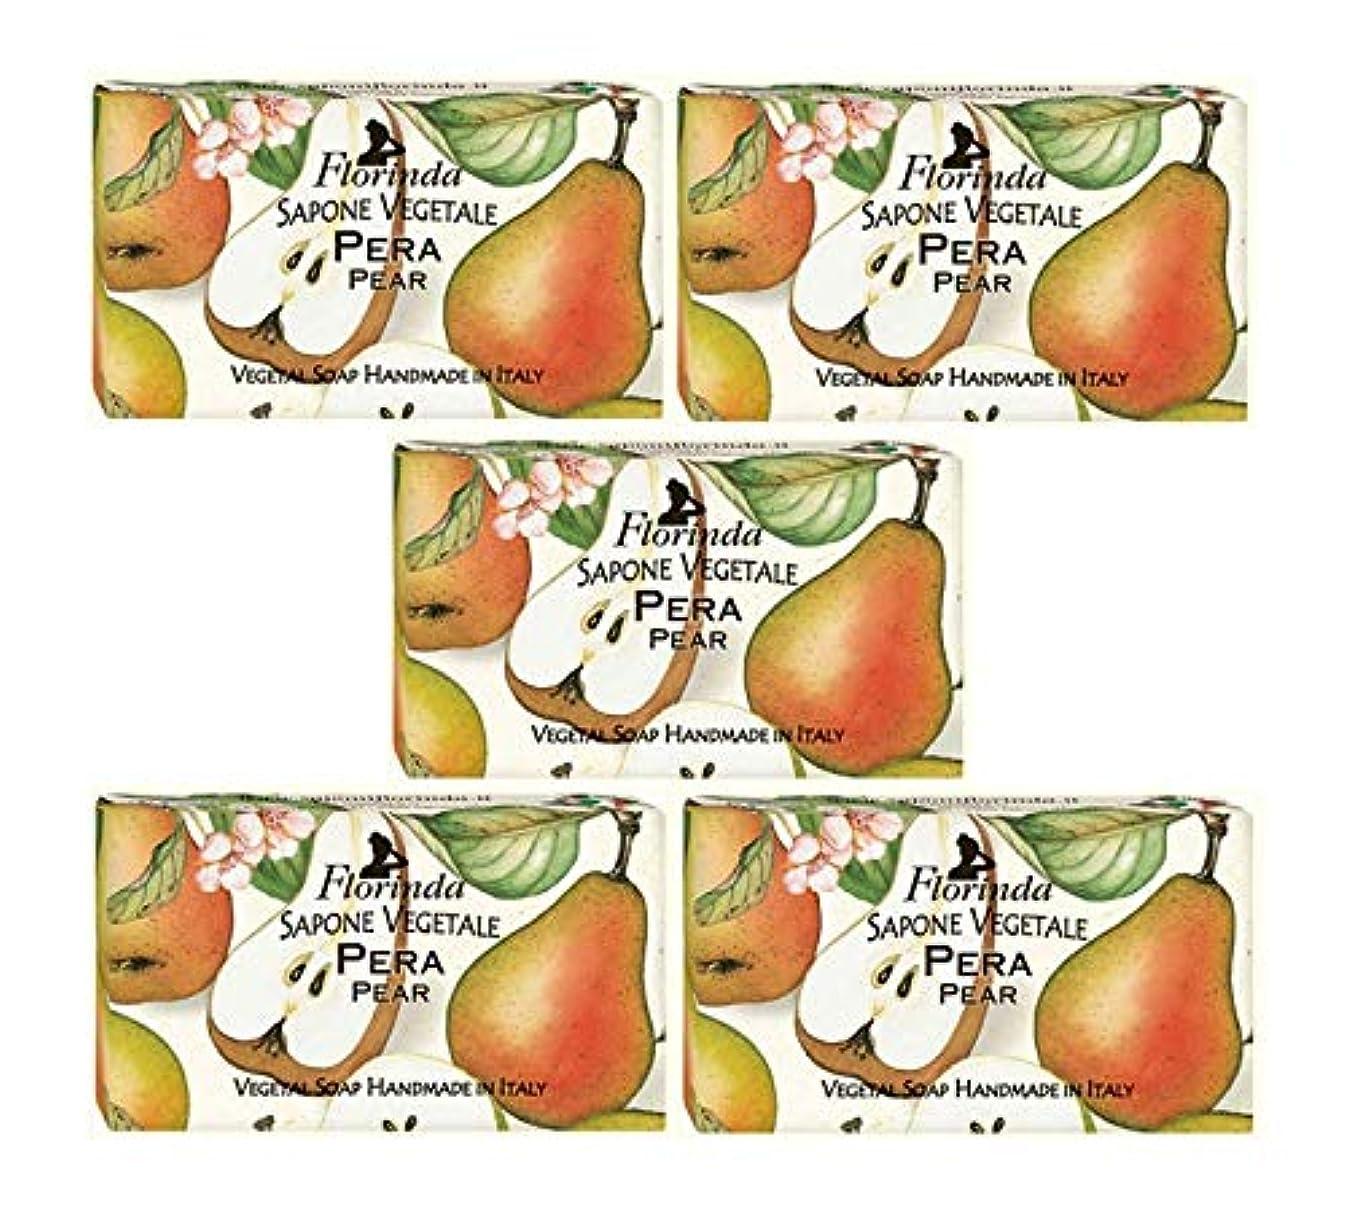 高度なクリープ海峡フロリンダ フレグランスソープ 固形石けん フルーツの香り ペア 95g×5個セット